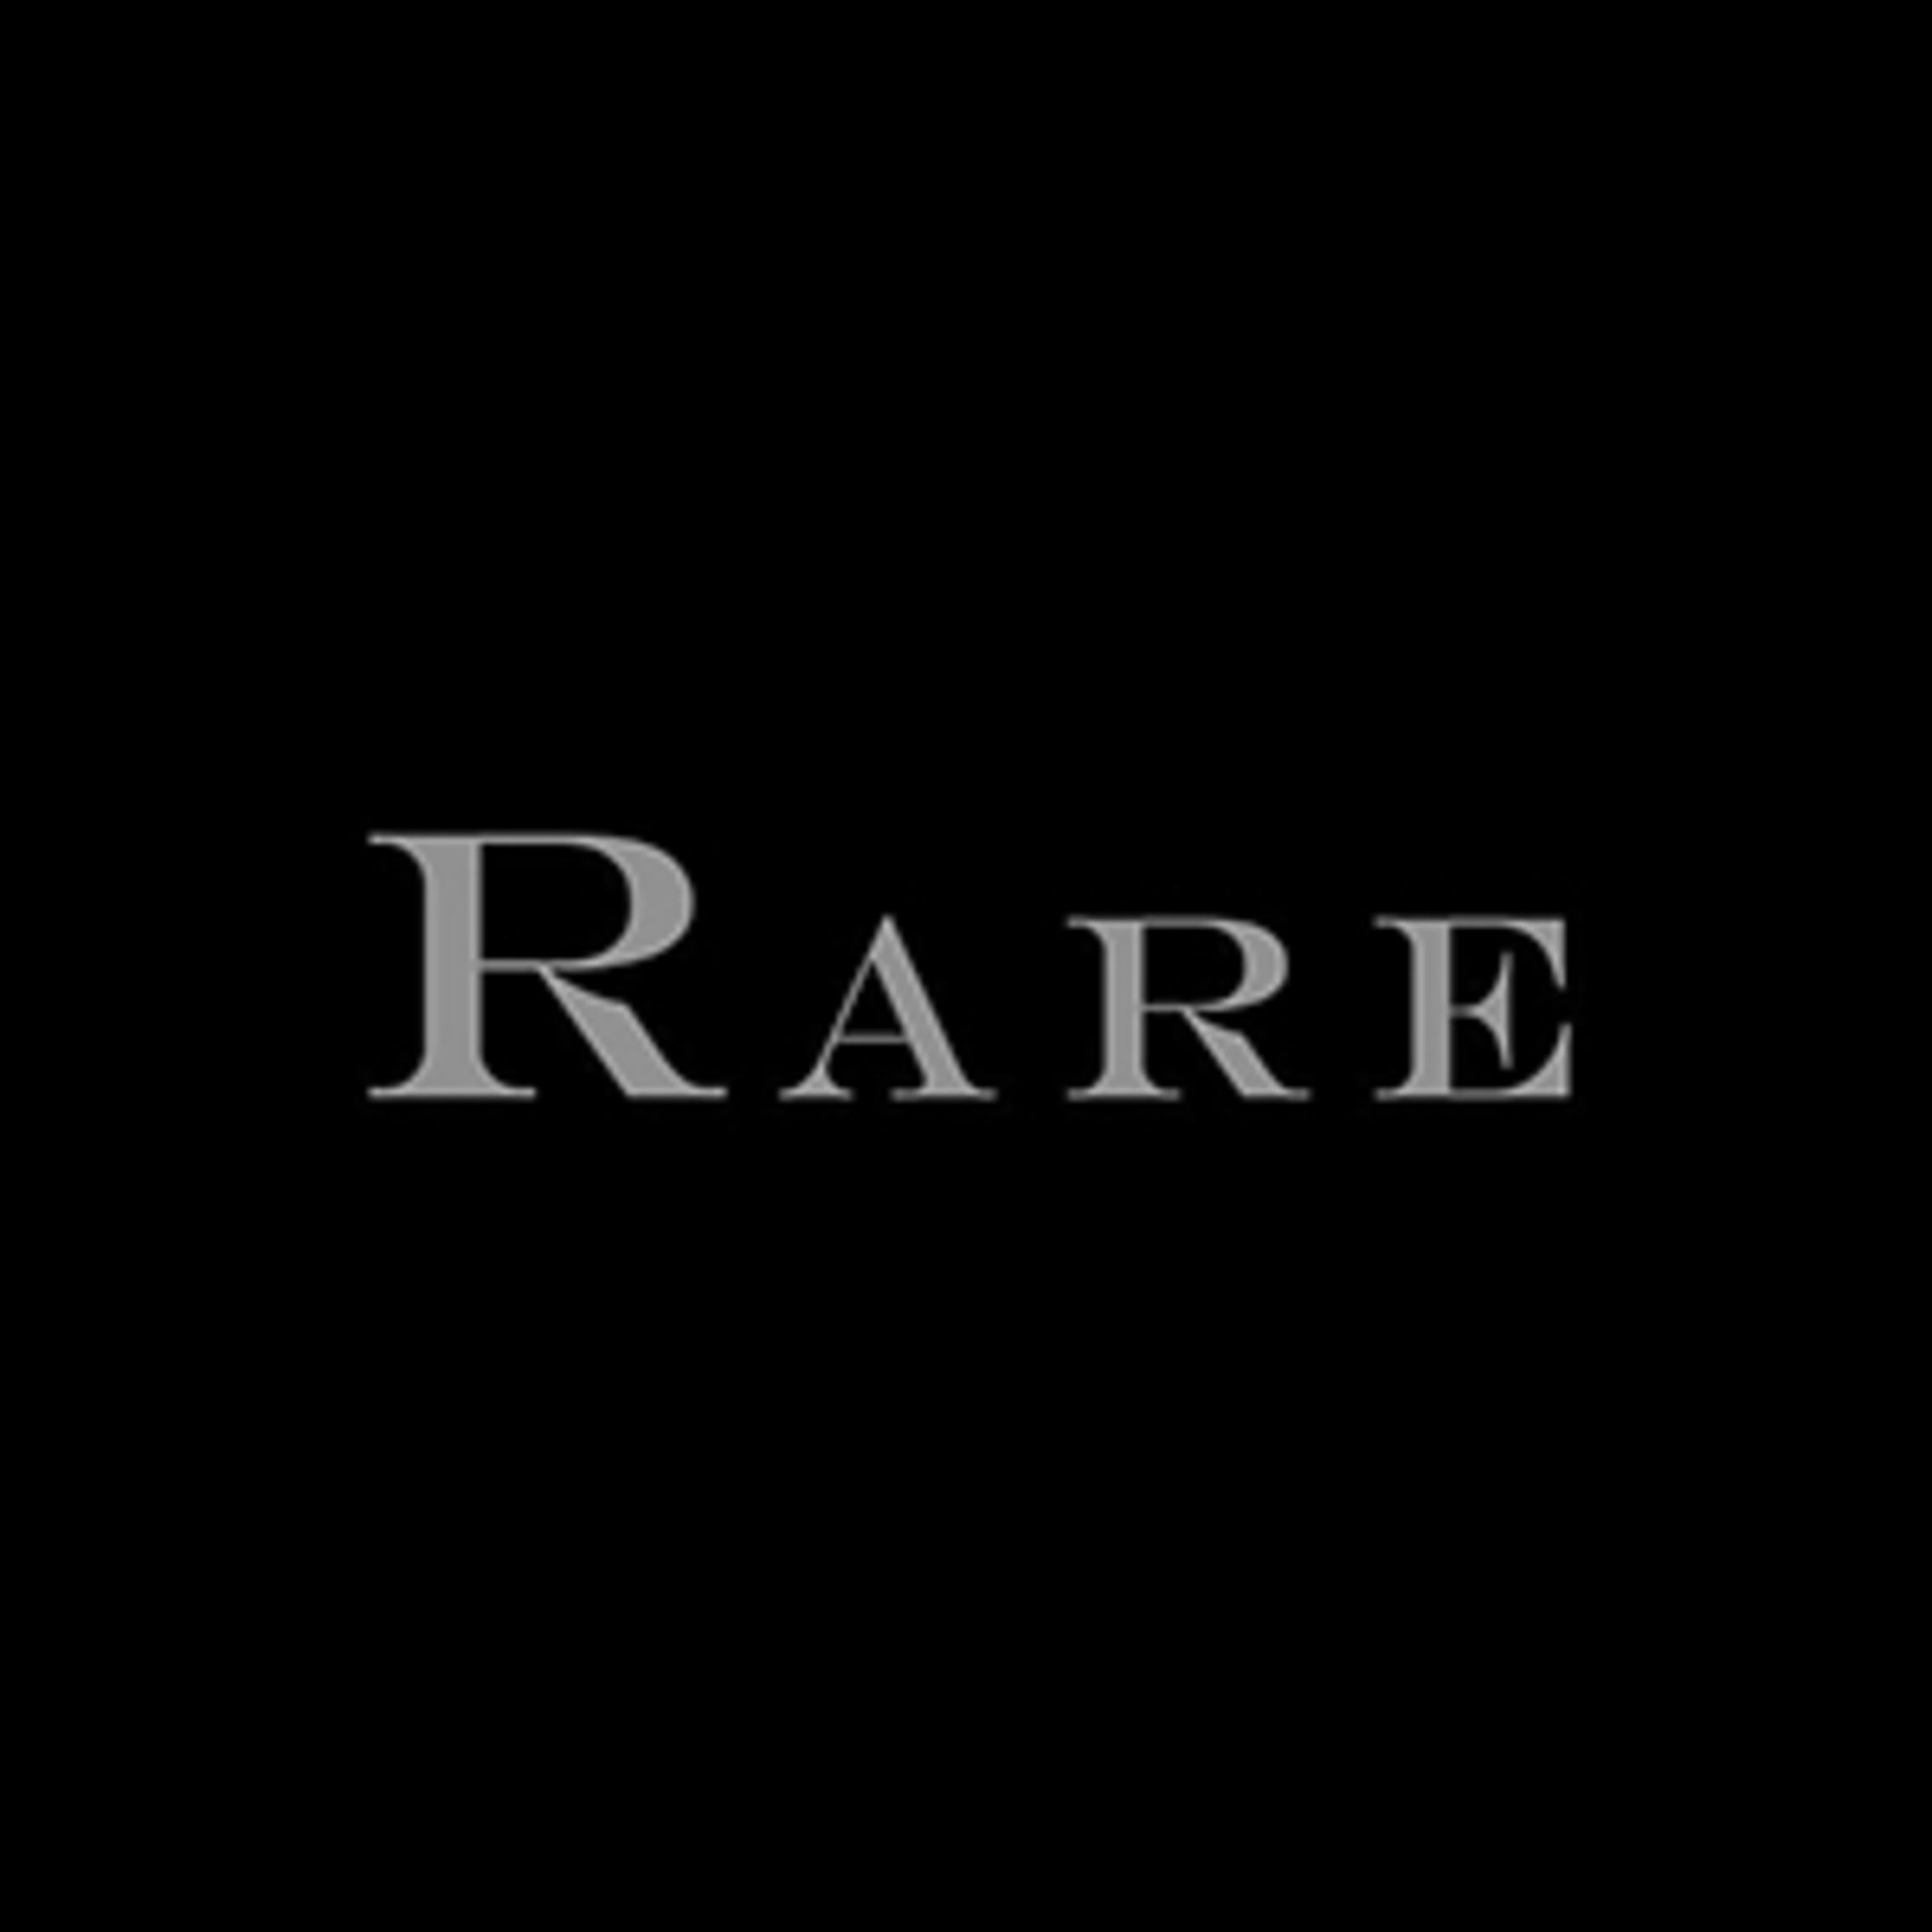 rare by oulton- company logo